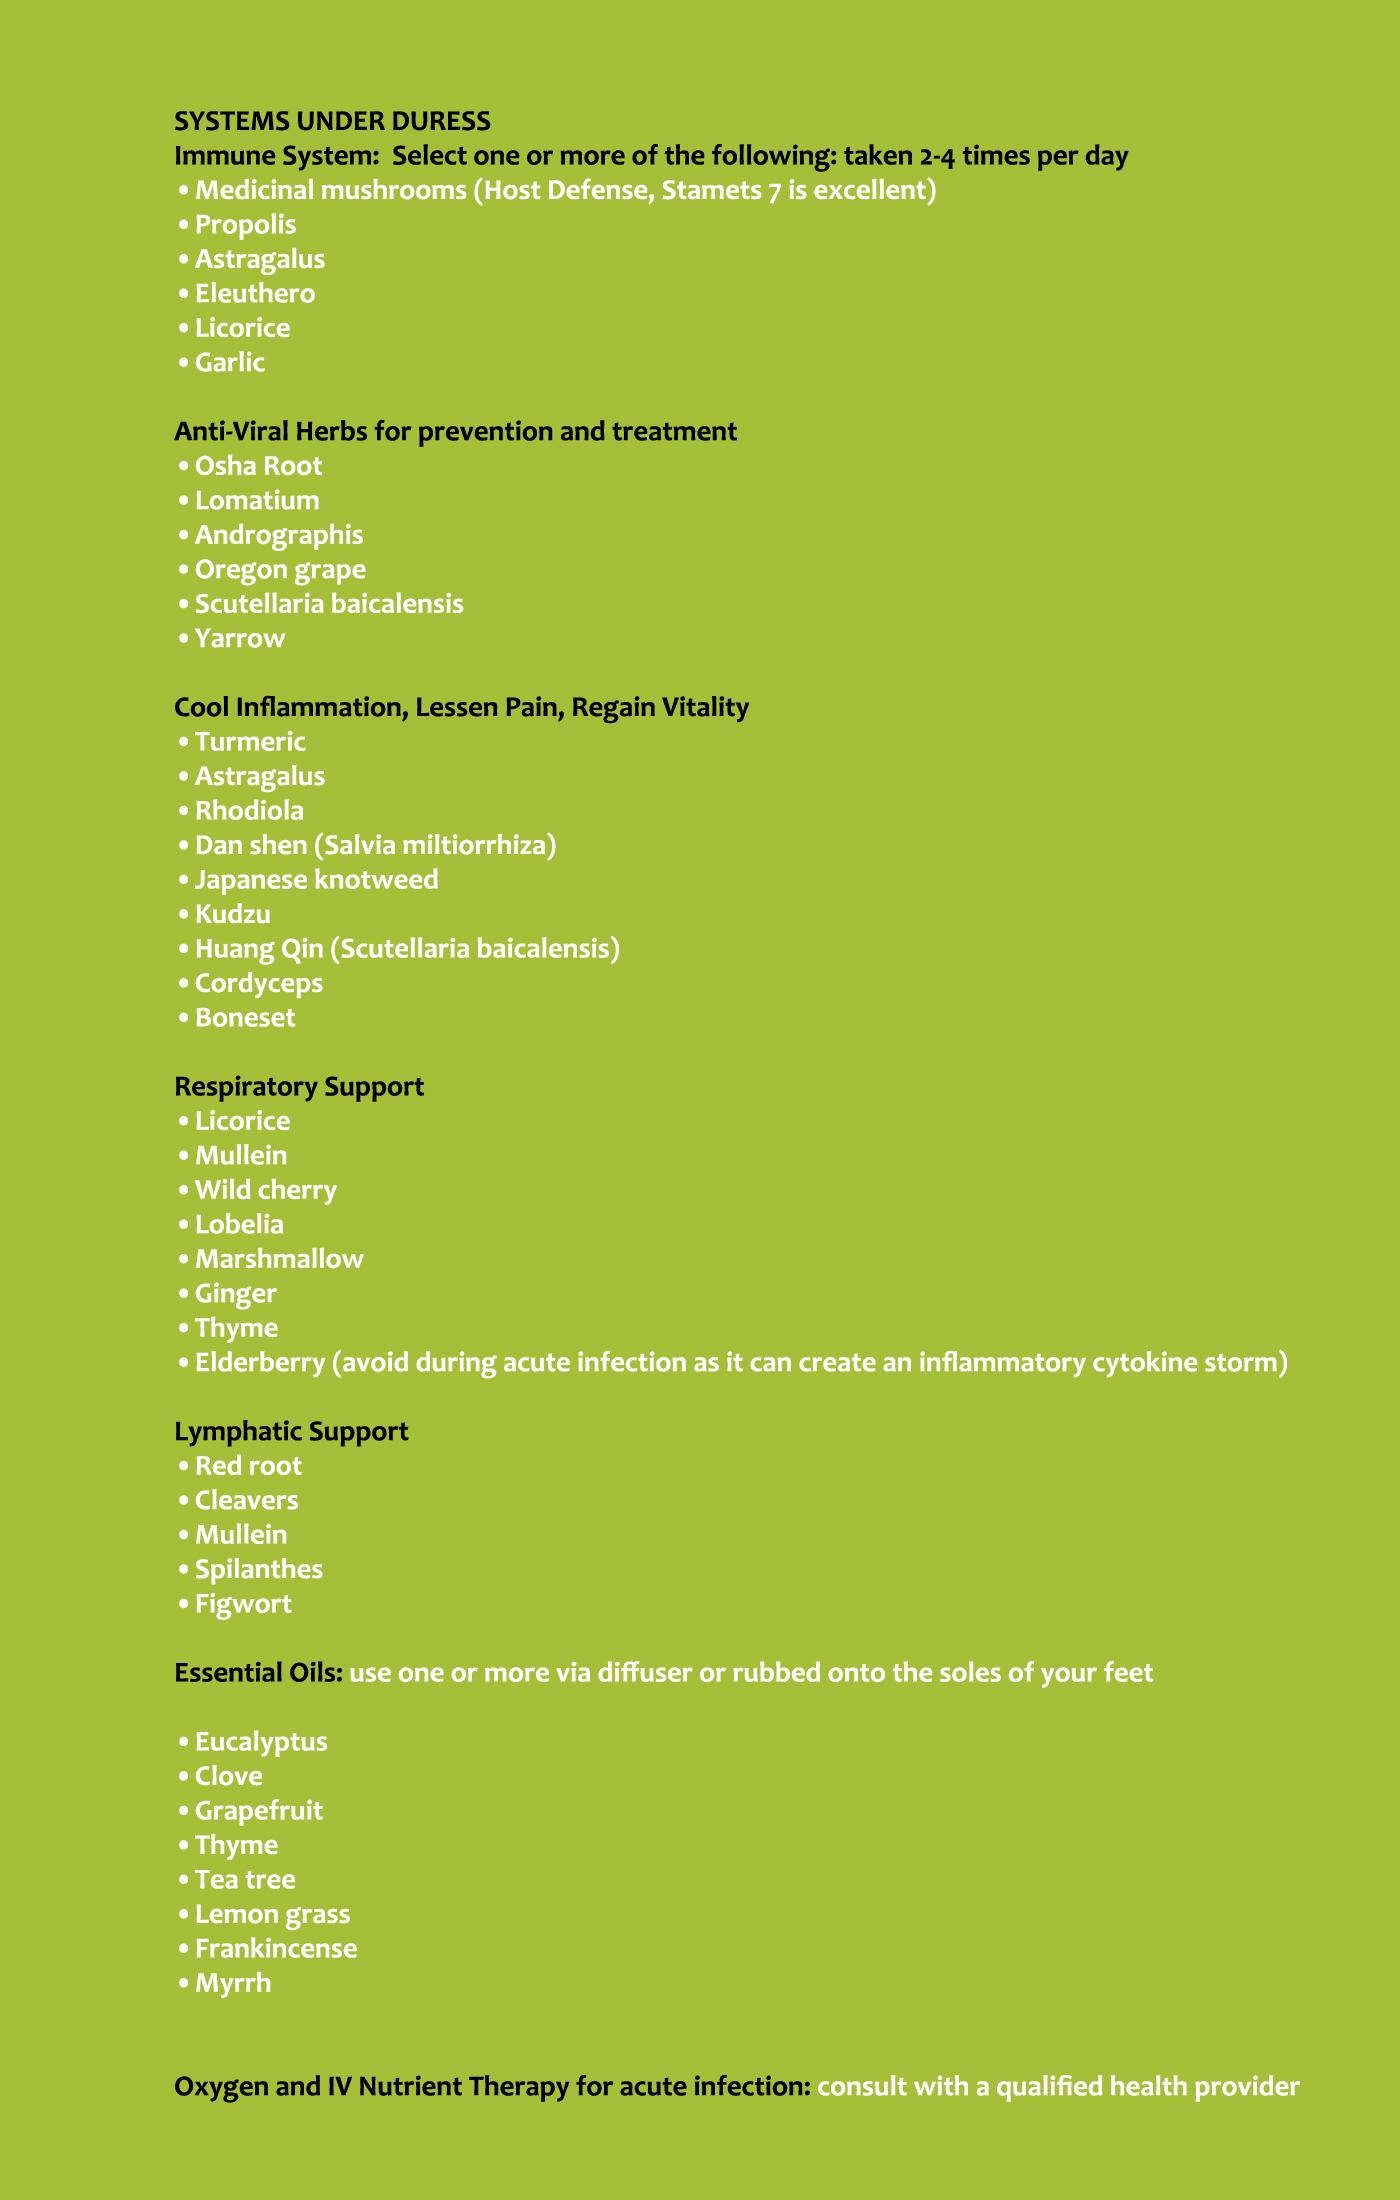 Natural Health Remedies List - 031320 - Dr Ed Bauman